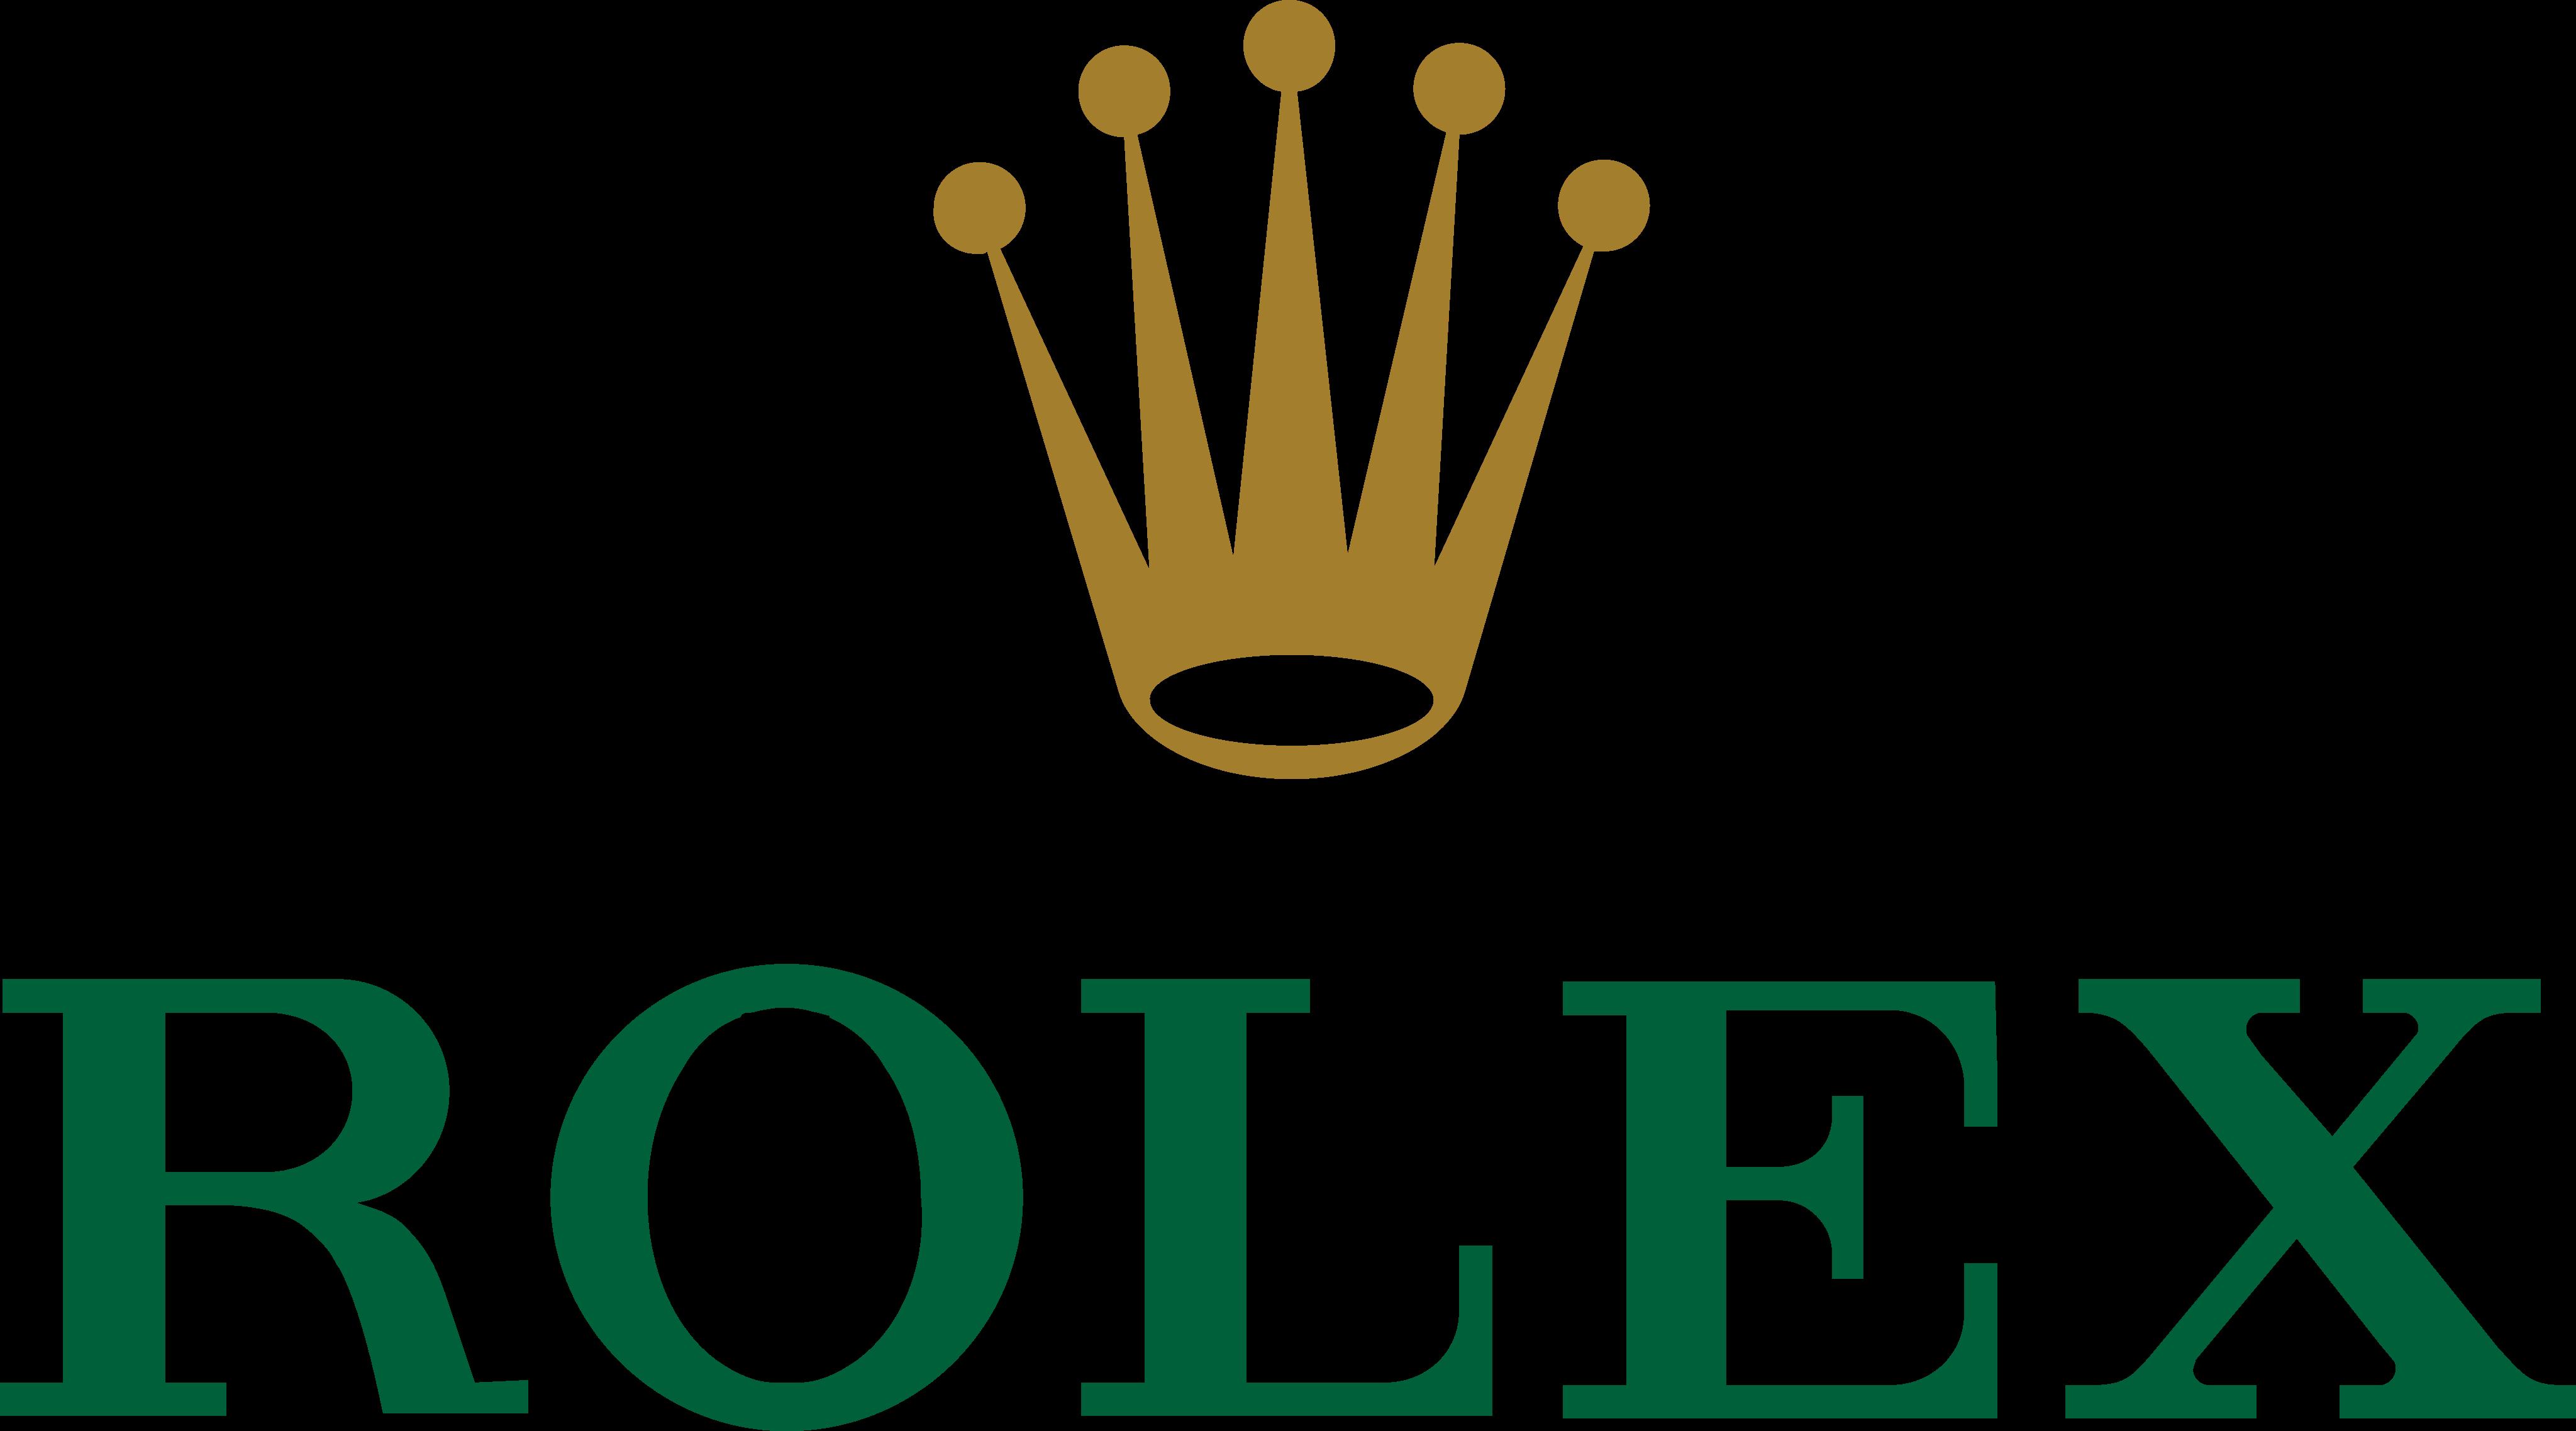 rolex logo 01 - Rolex Logo